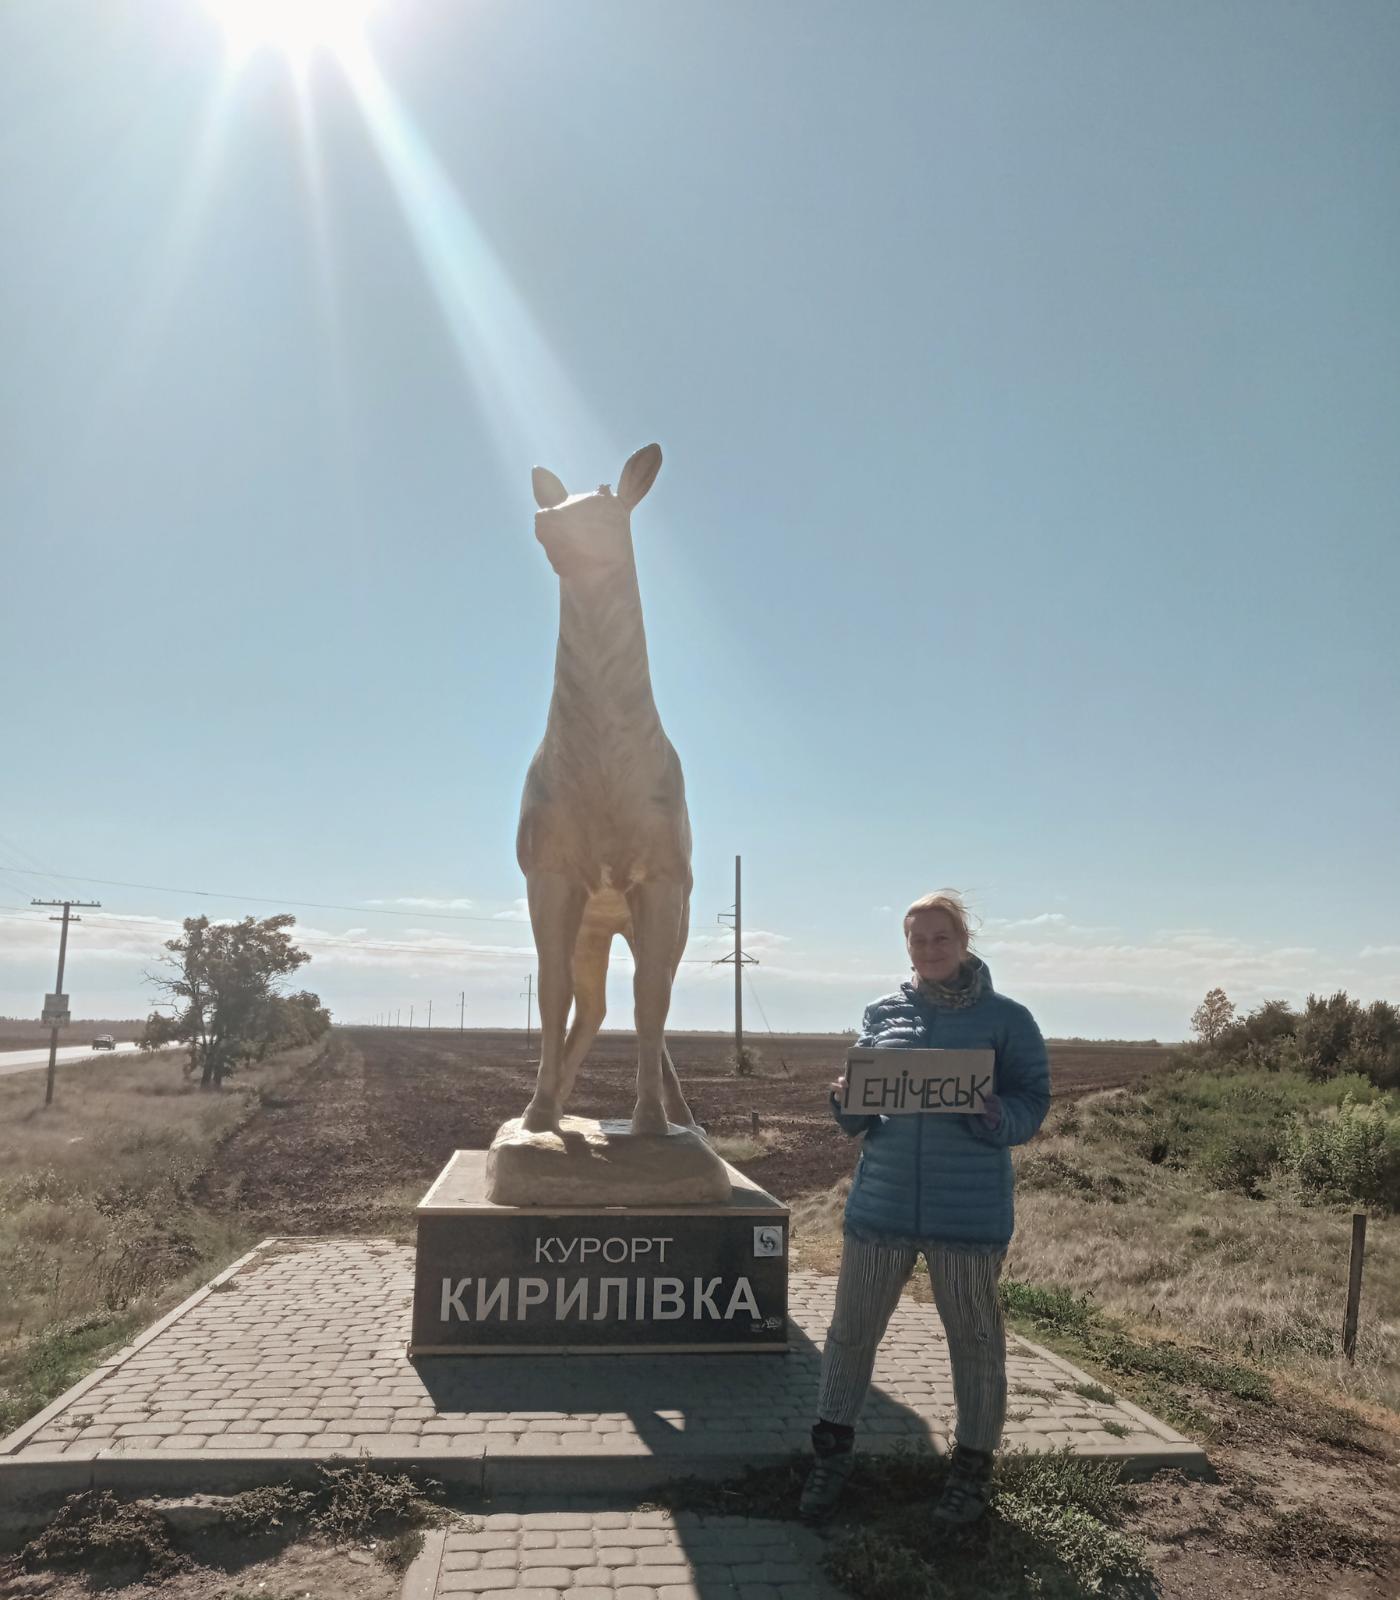 hitchhiking from biryuchiy island kyrylivka to henichesk heniches'k southern ukraine kherson feature golden deer statue m18 highway